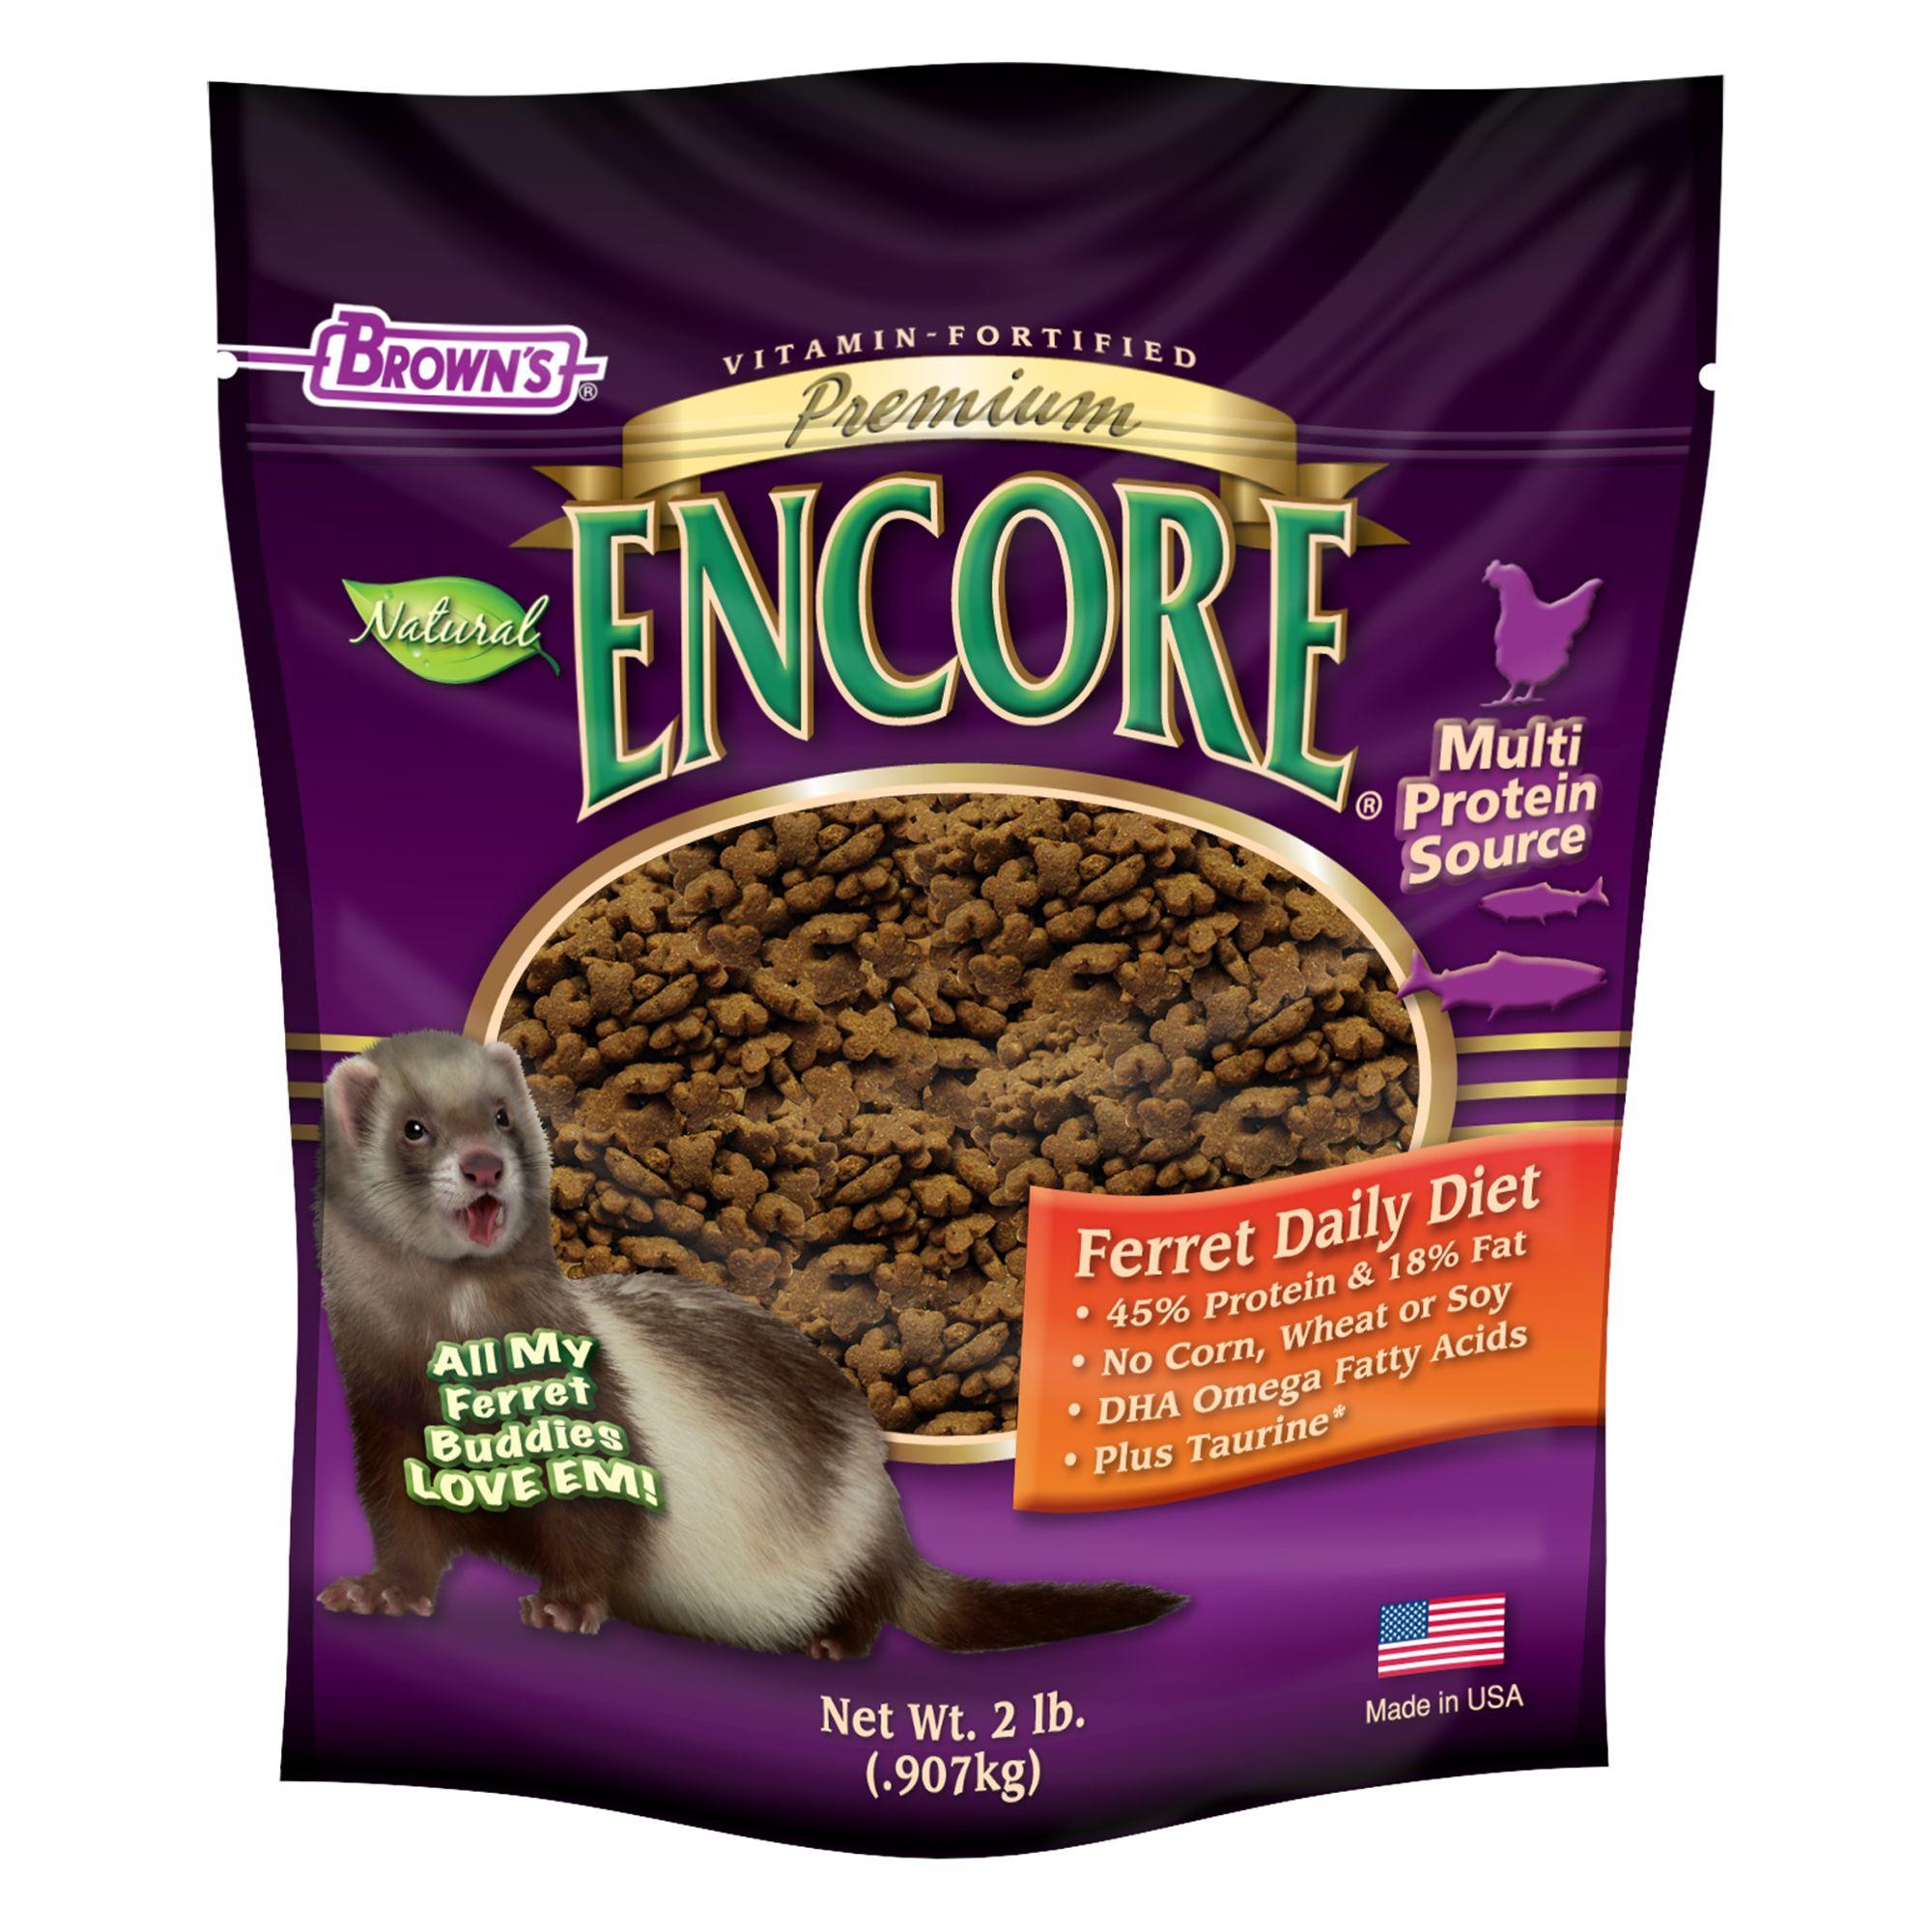 Browns Encore Premium Ferret Food Size 2 Lb Fm Browns